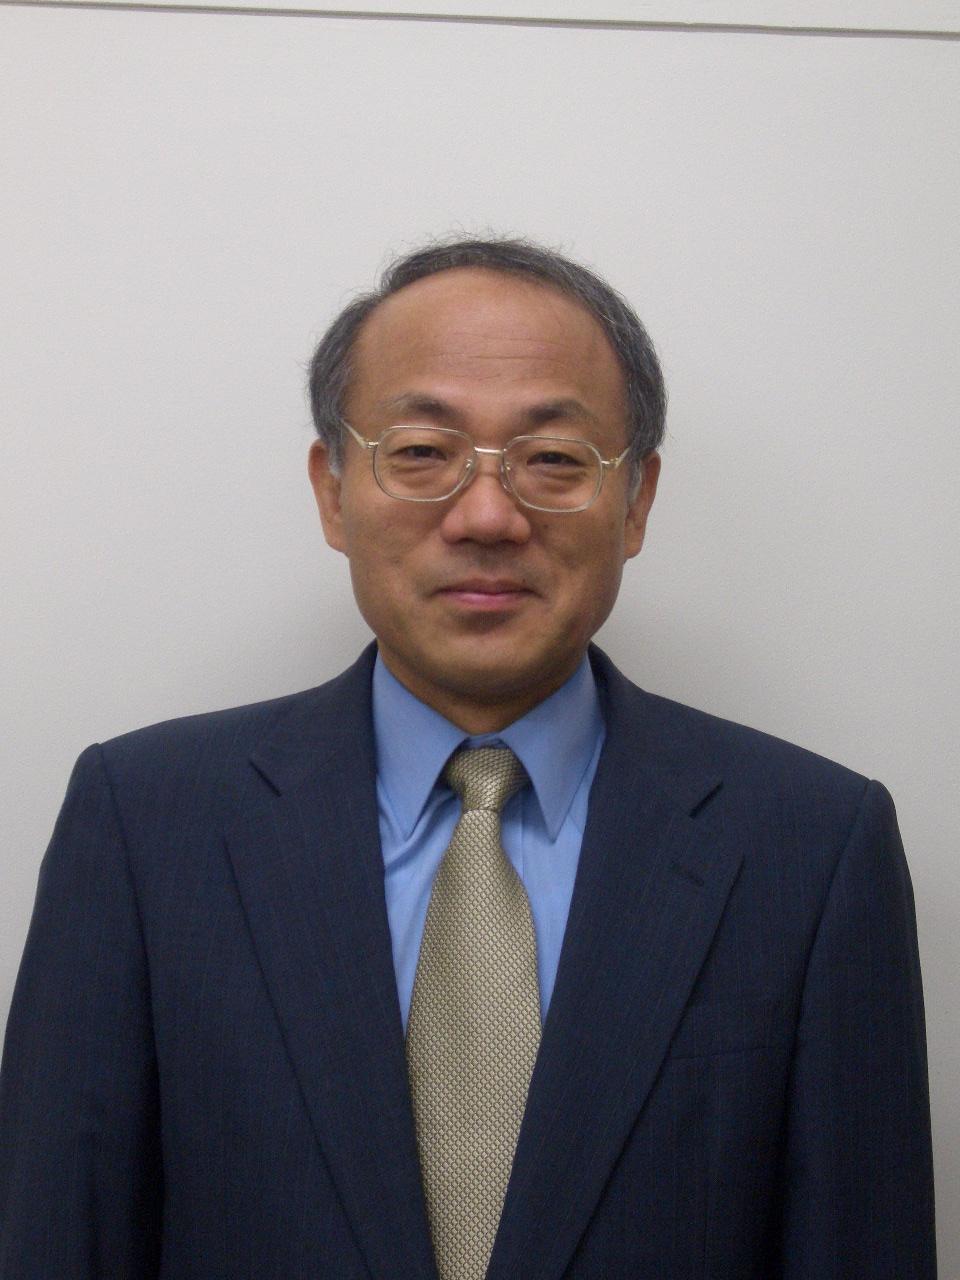 Toshio Okano